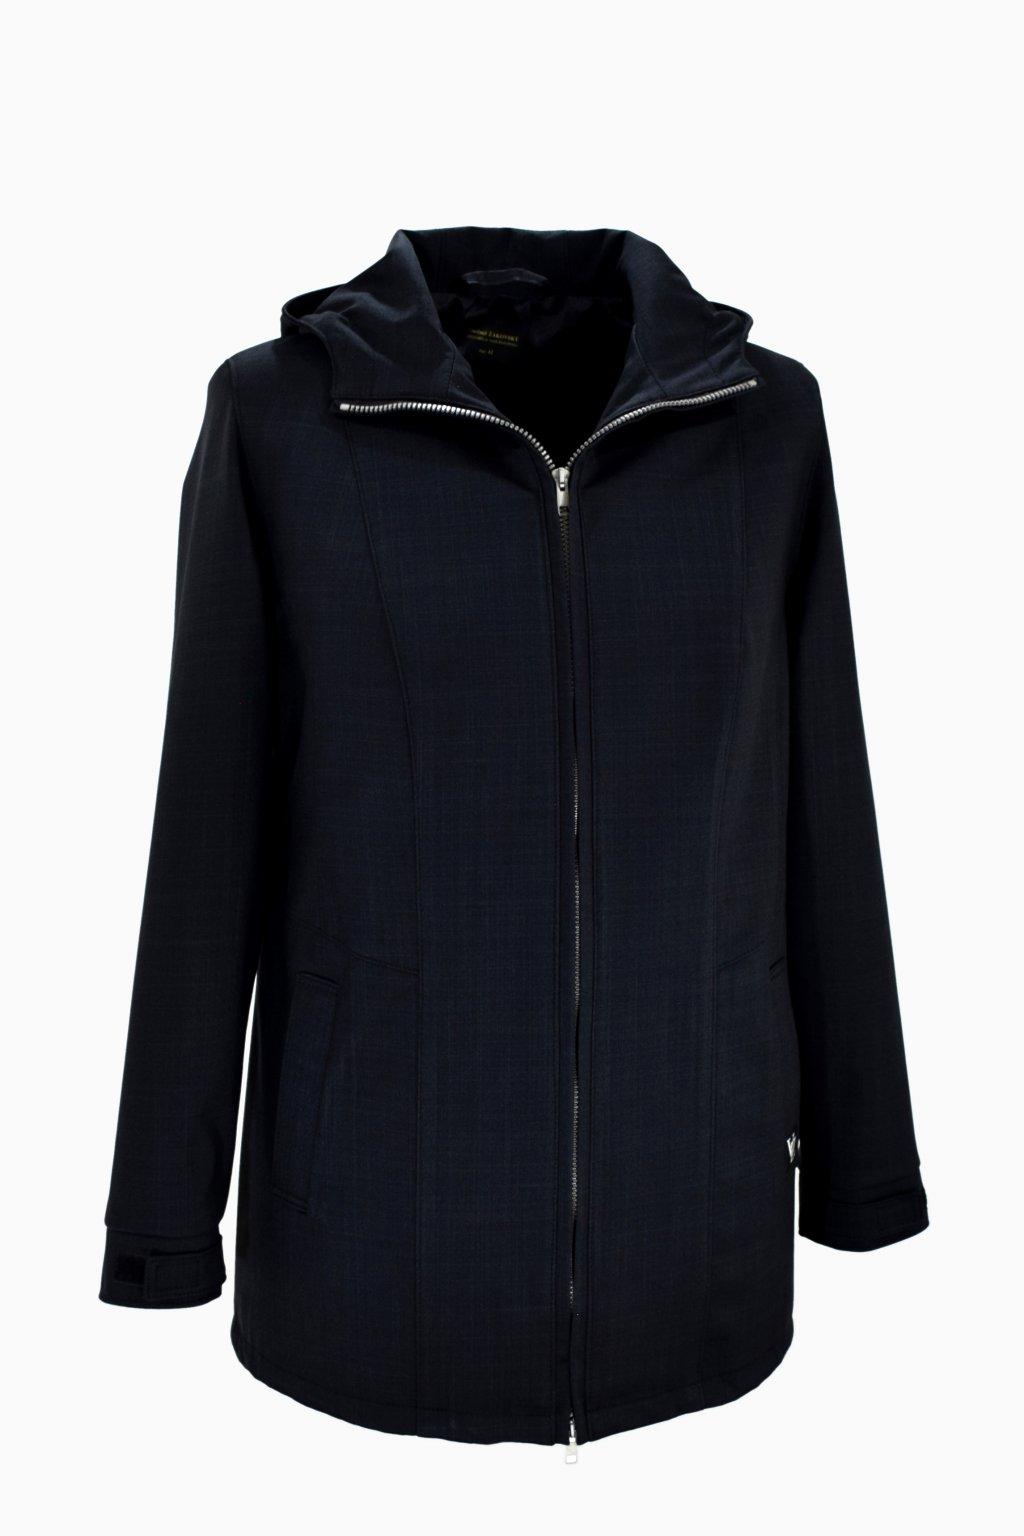 Dámská černá jarní outdoorová bunda Elza nadměrné velikosti